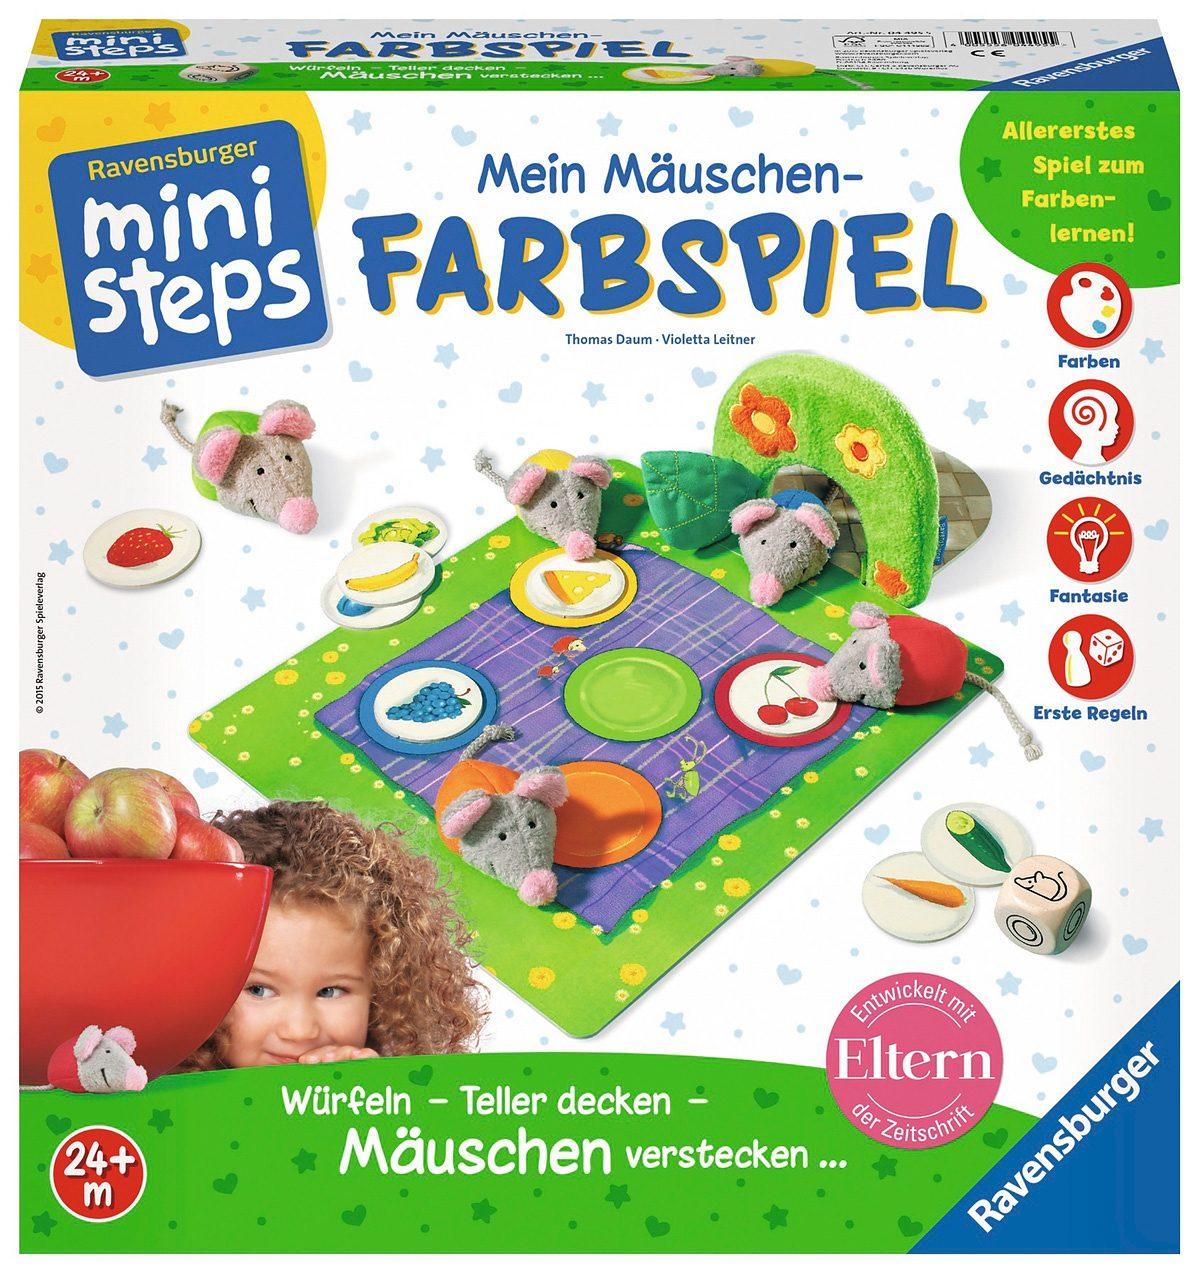 Ravensburger Lernspiel, ministeps®, »Mein Mäuschen Farbspiel«